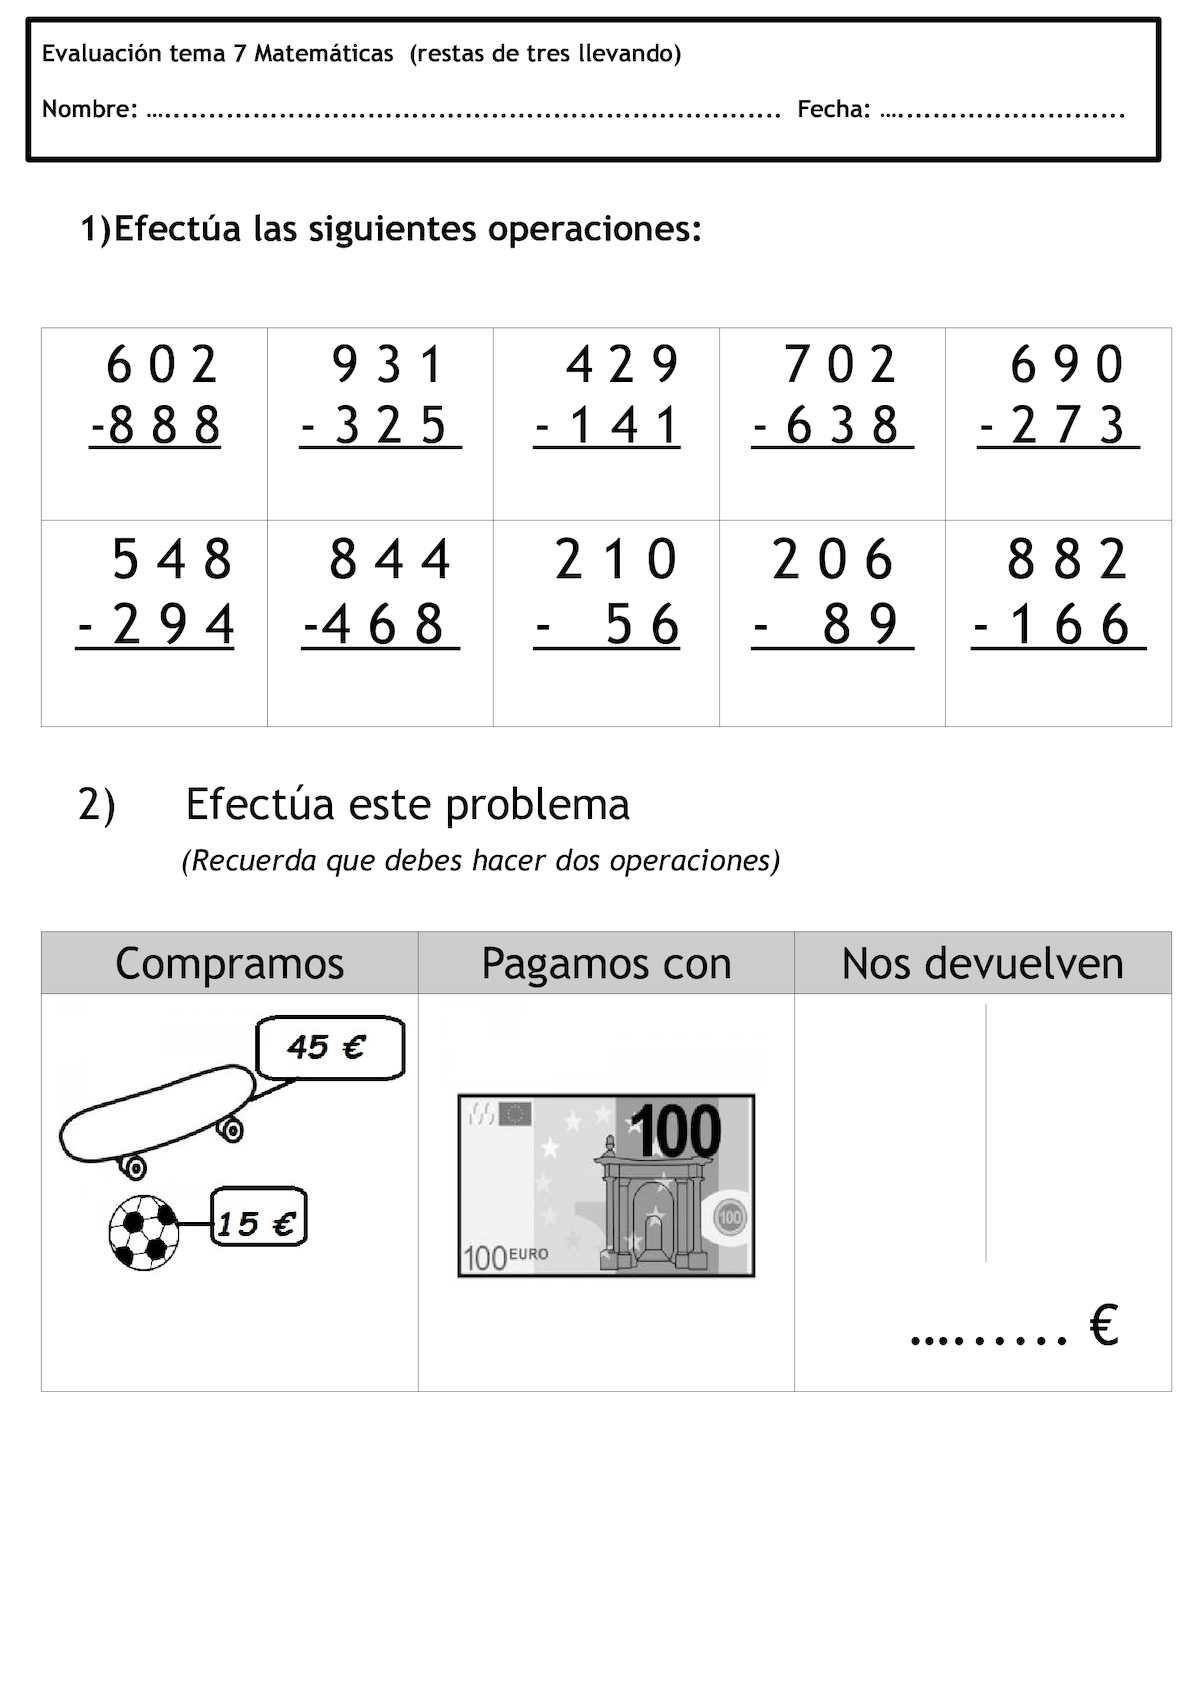 Evaluacion Tema 7 Matematicas Restas De Tres Llevando